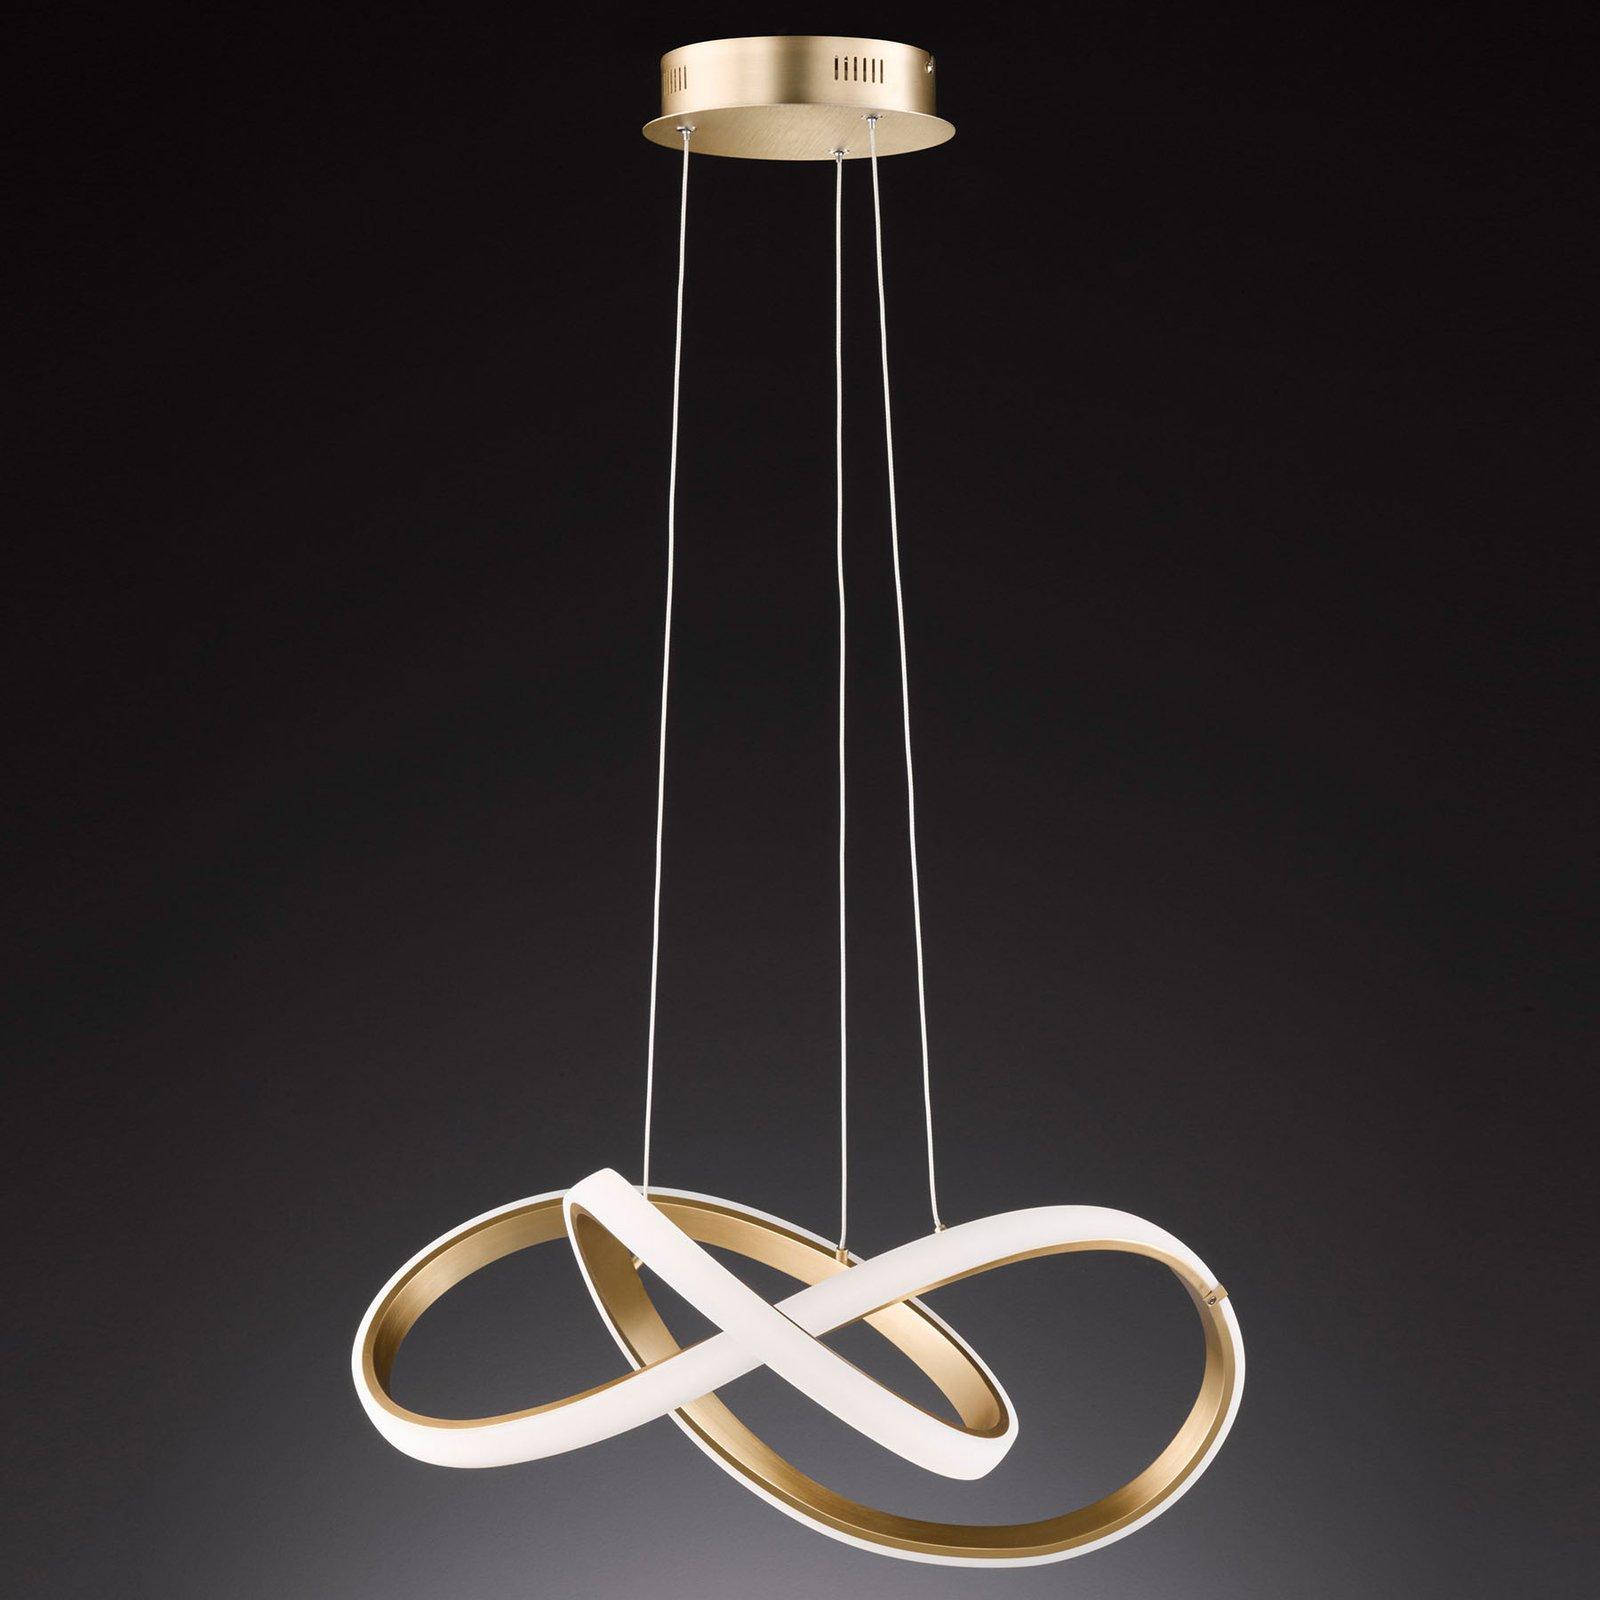 LED-vegglampe Indigo, gull